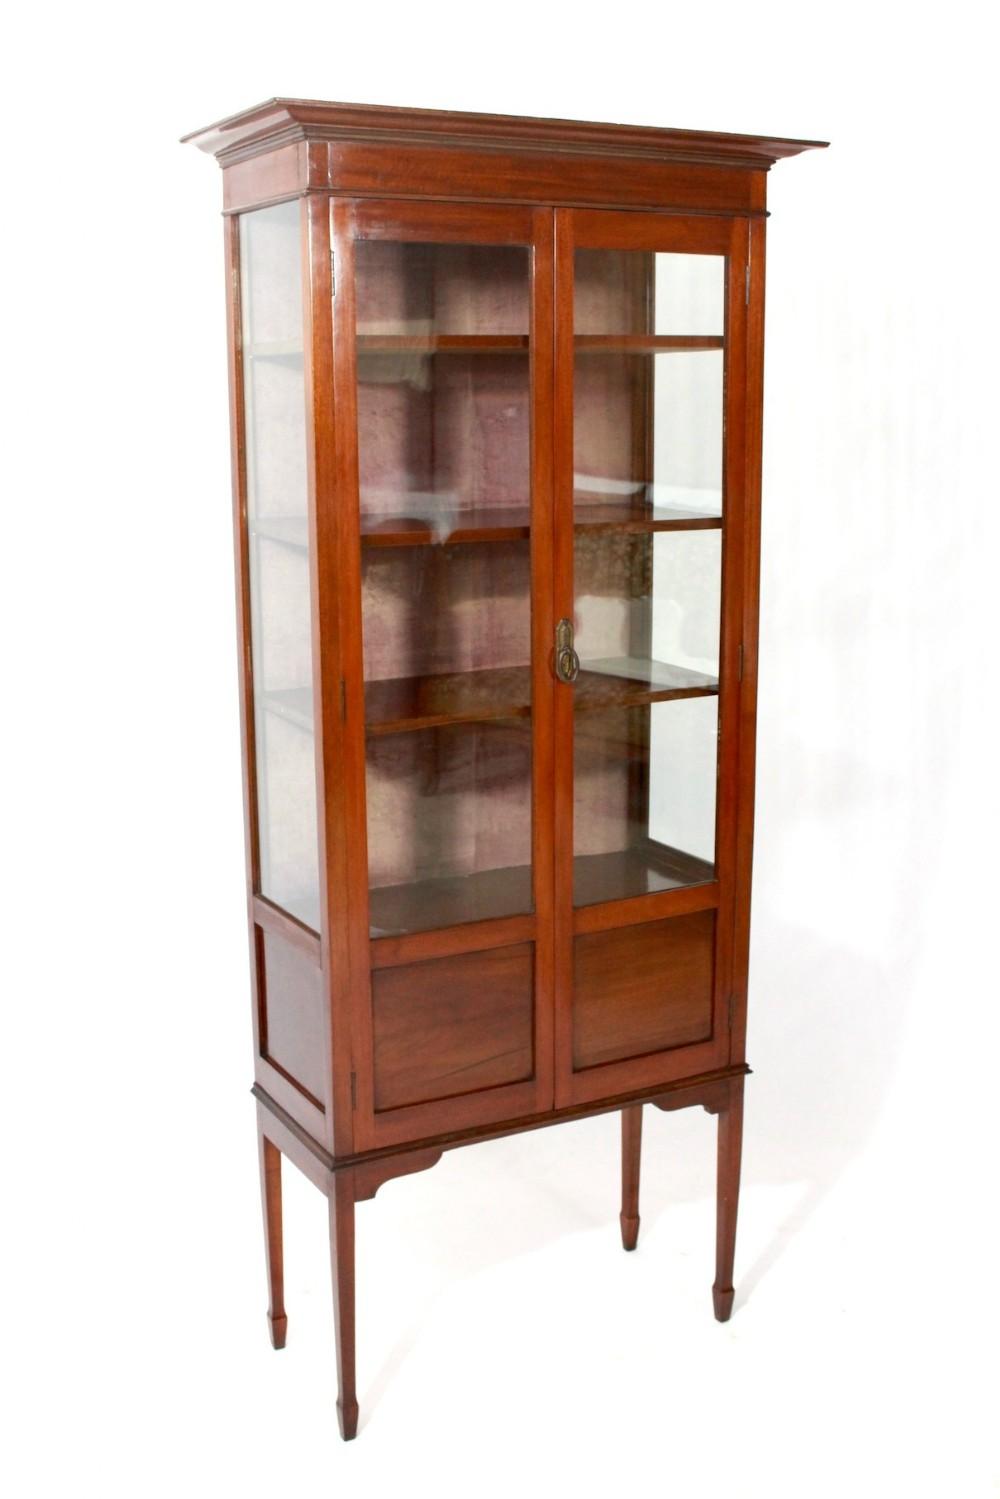 SaveEnlarge · Antique Edwardian Inlaid Mahogany Display Cabinet 318153 - Antique Display Cabinets - Nagpurentrepreneurs